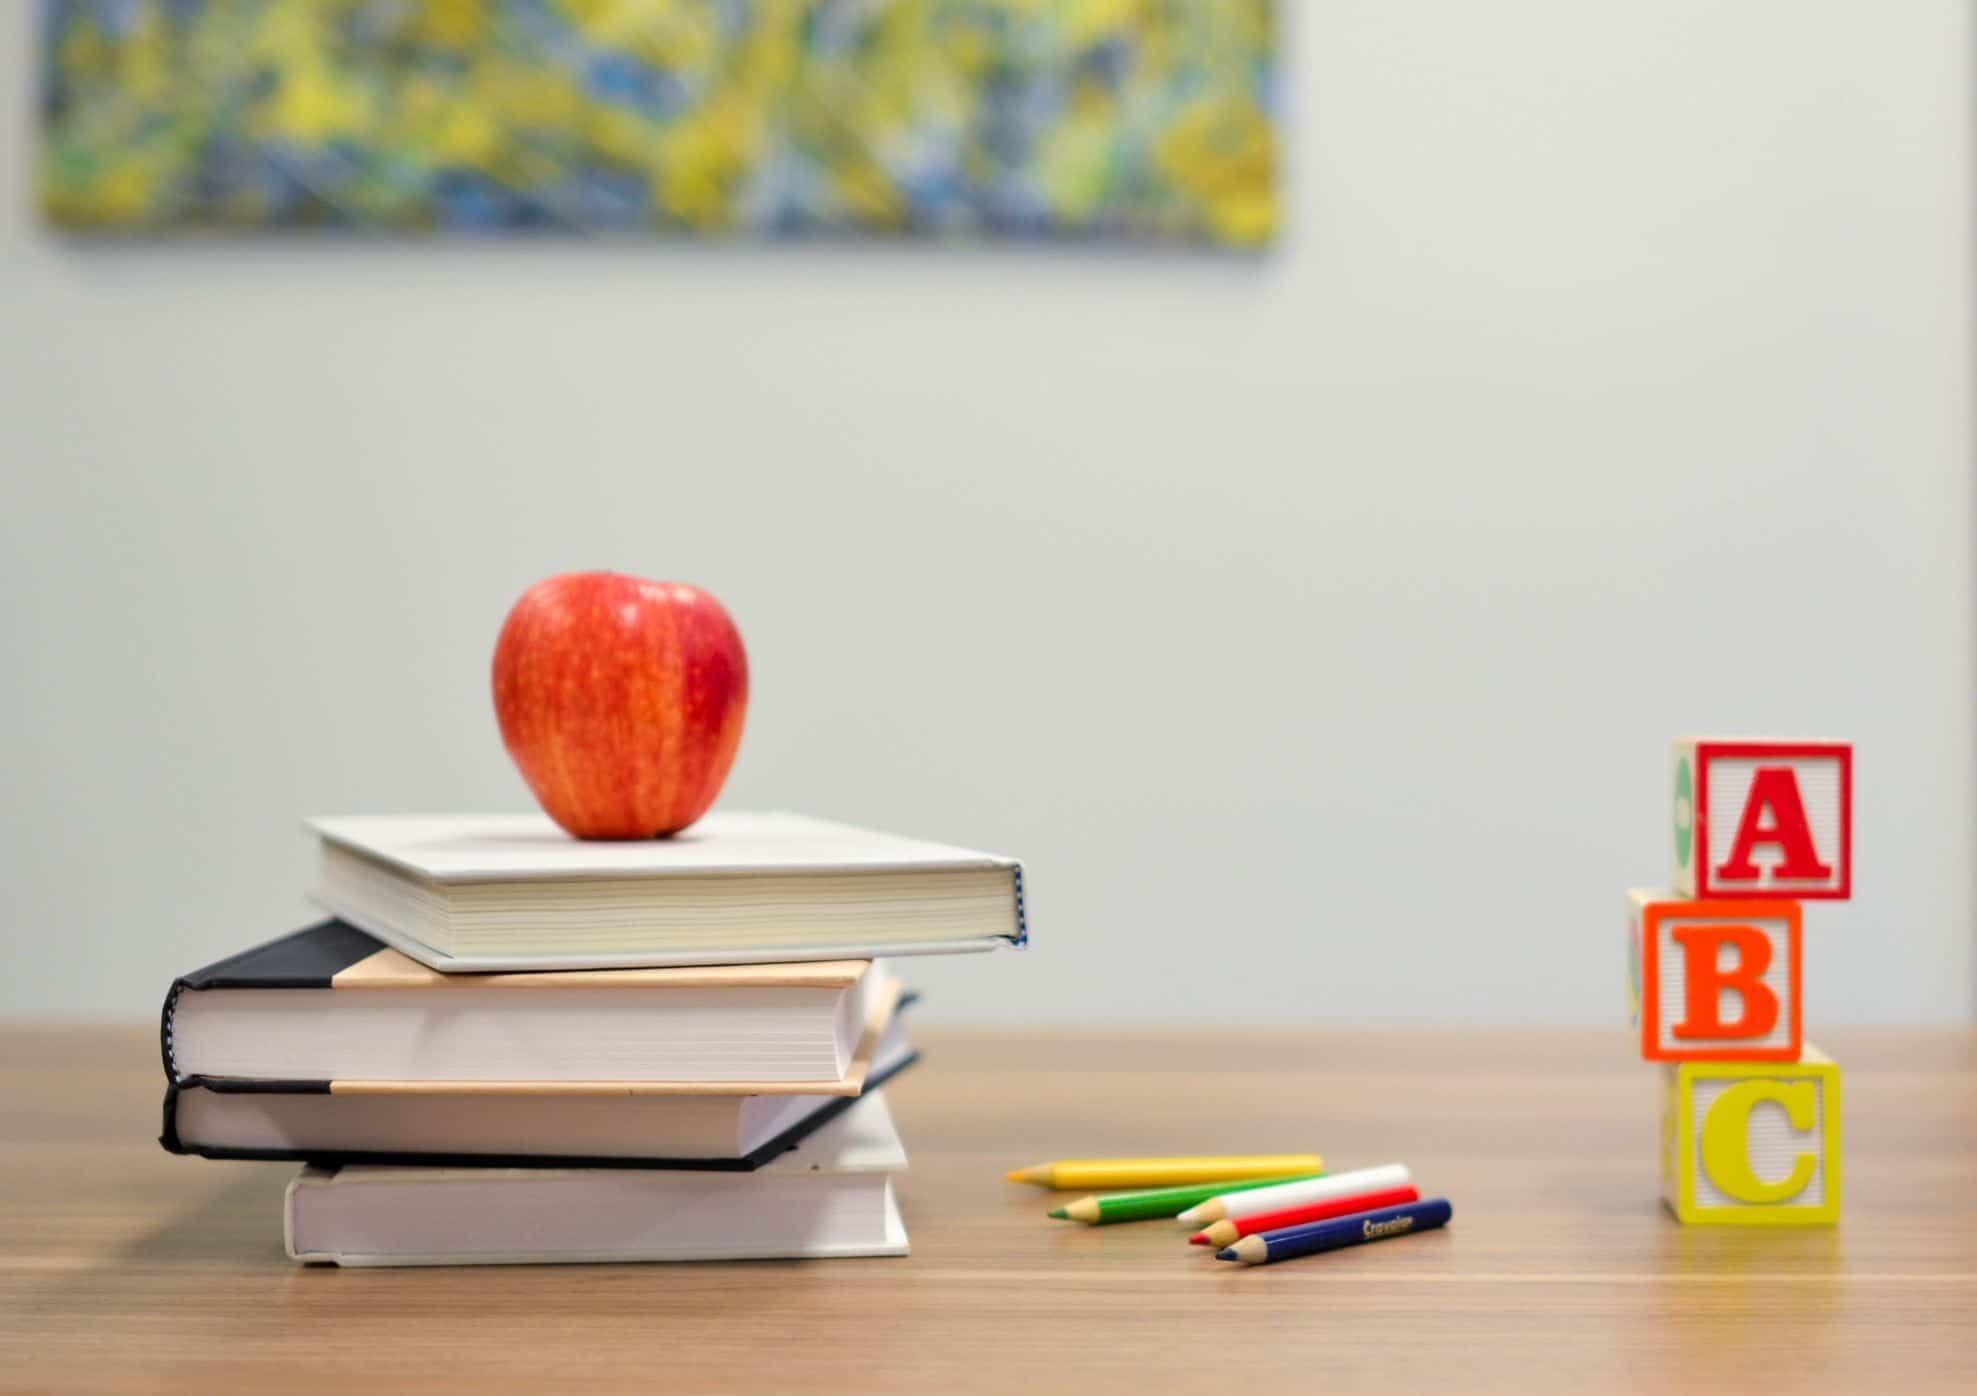 Mesa com livros e maçã em cima deles, lápis de cor e cubos coloridos com ABC